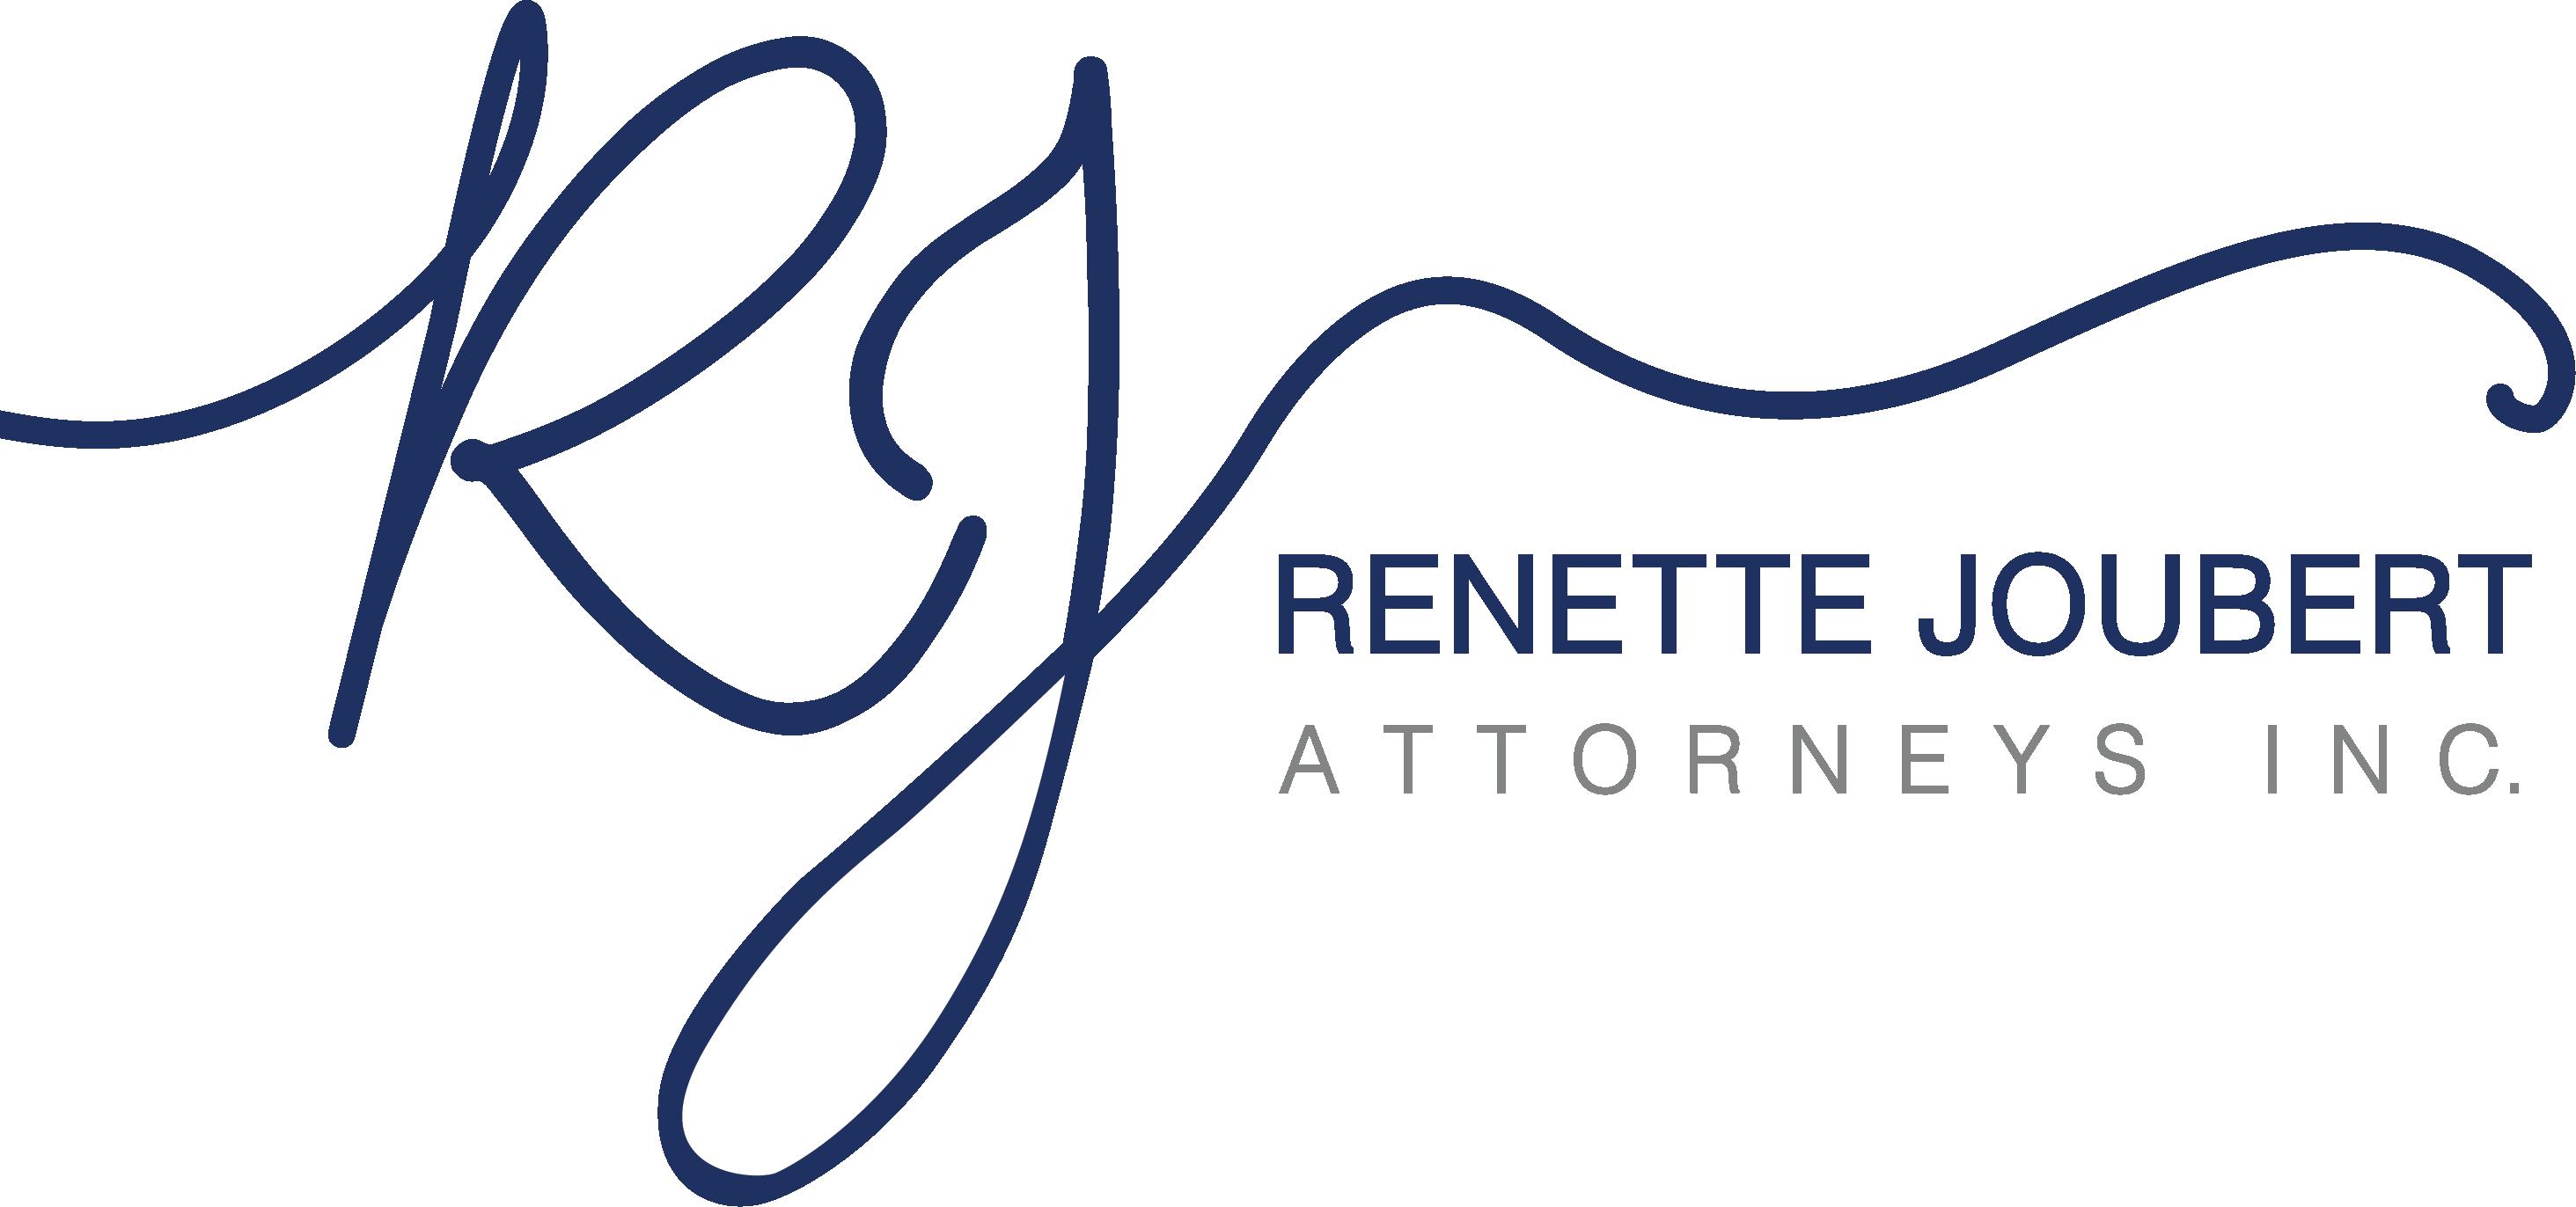 Renette Joubert Attorneys Inc.